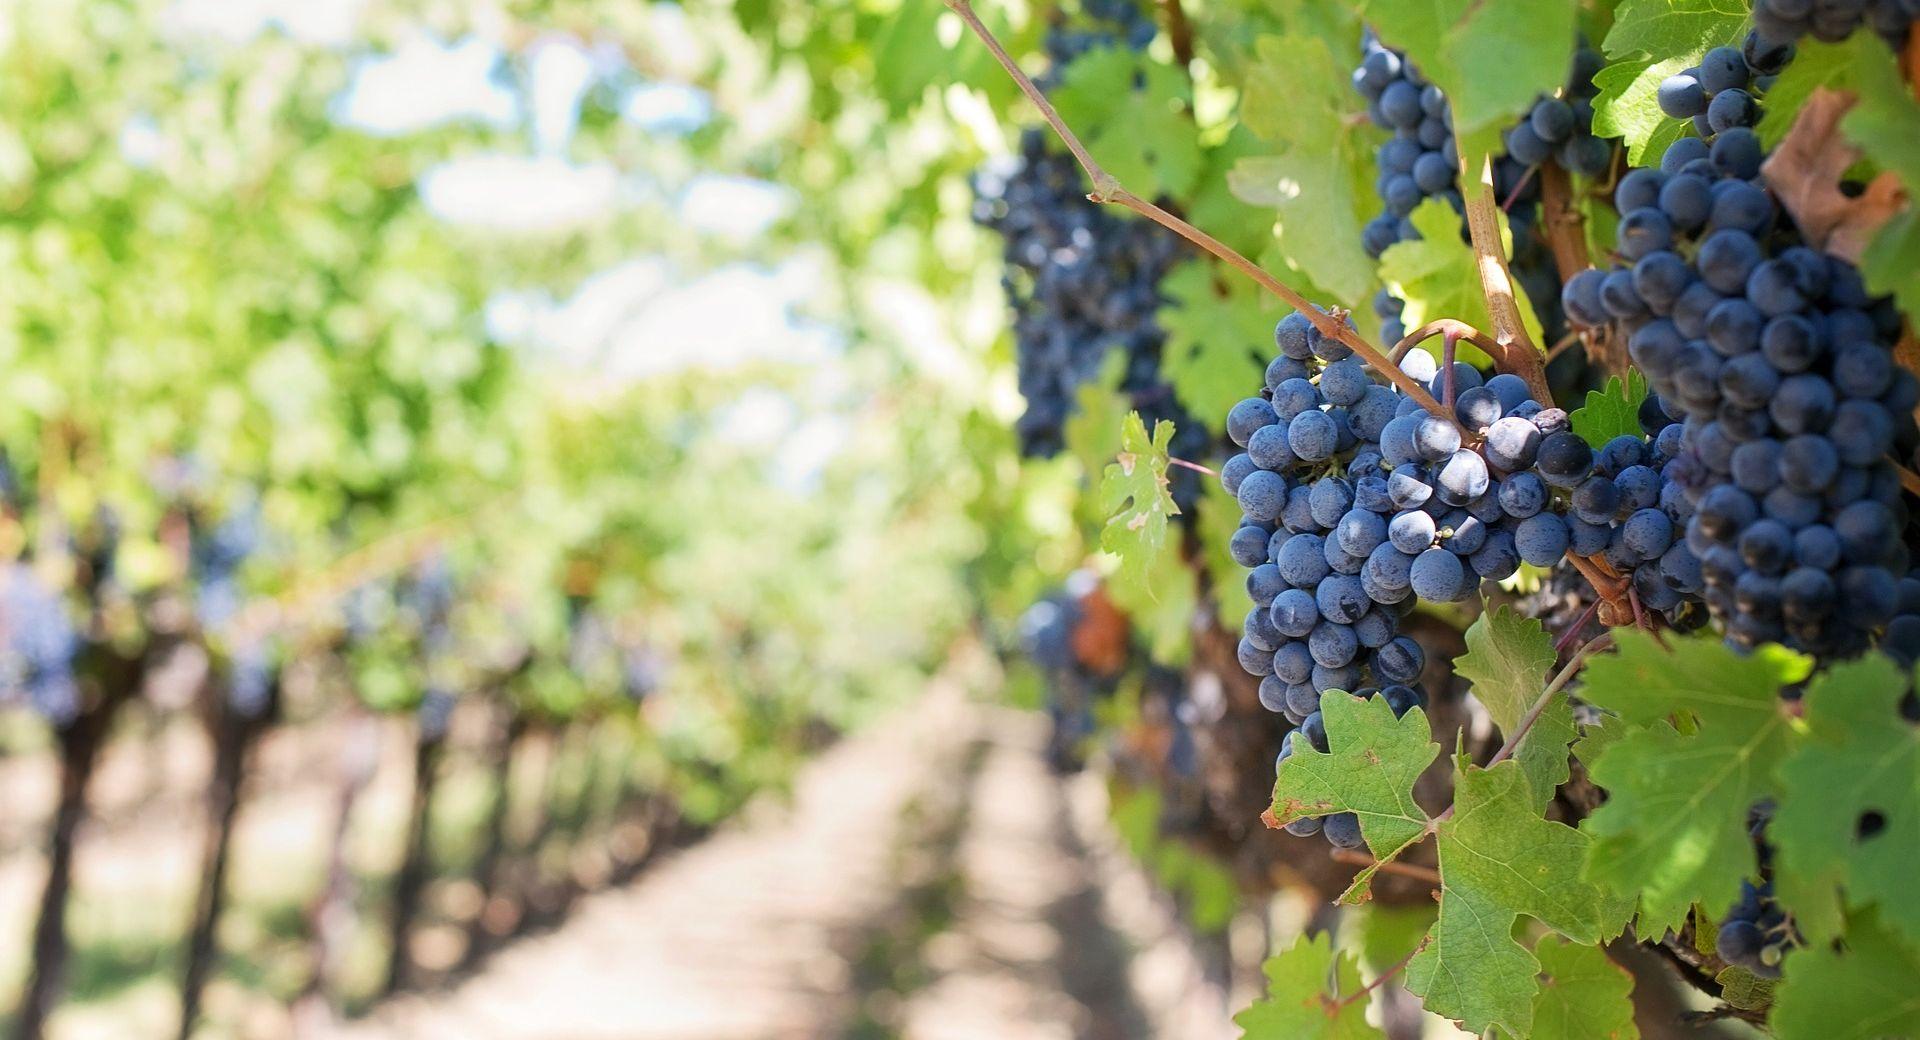 Za iskrčene vinograde nadoknada gubitka dohotka u tri godine